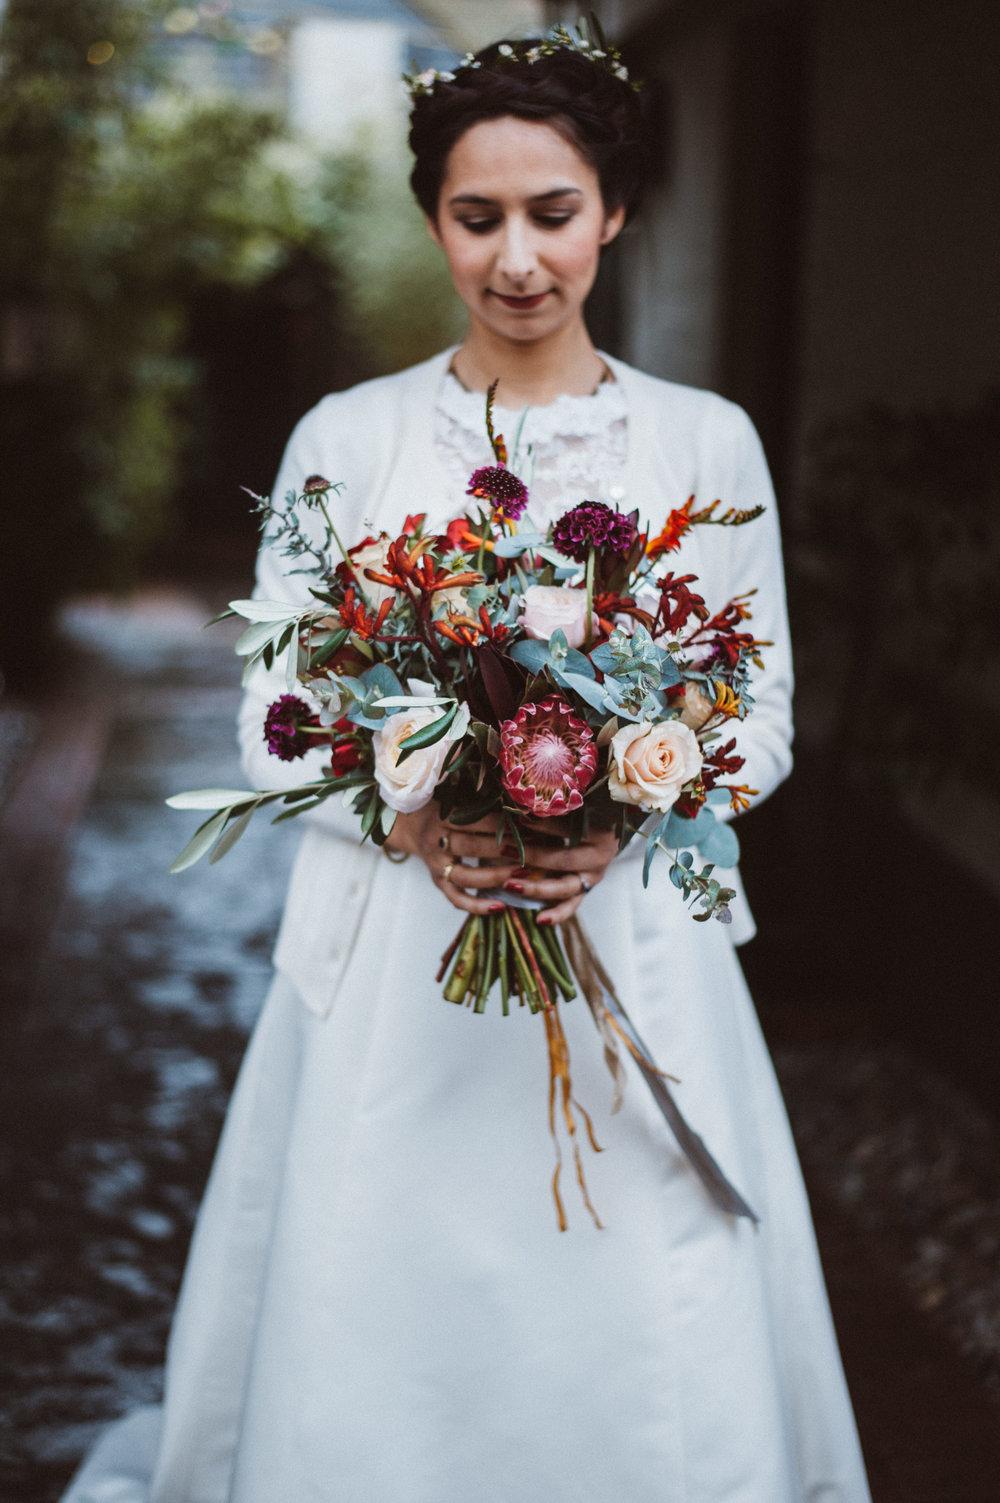 Claudia-Bridal bouquet-Bride-Wedding Hair Stylist